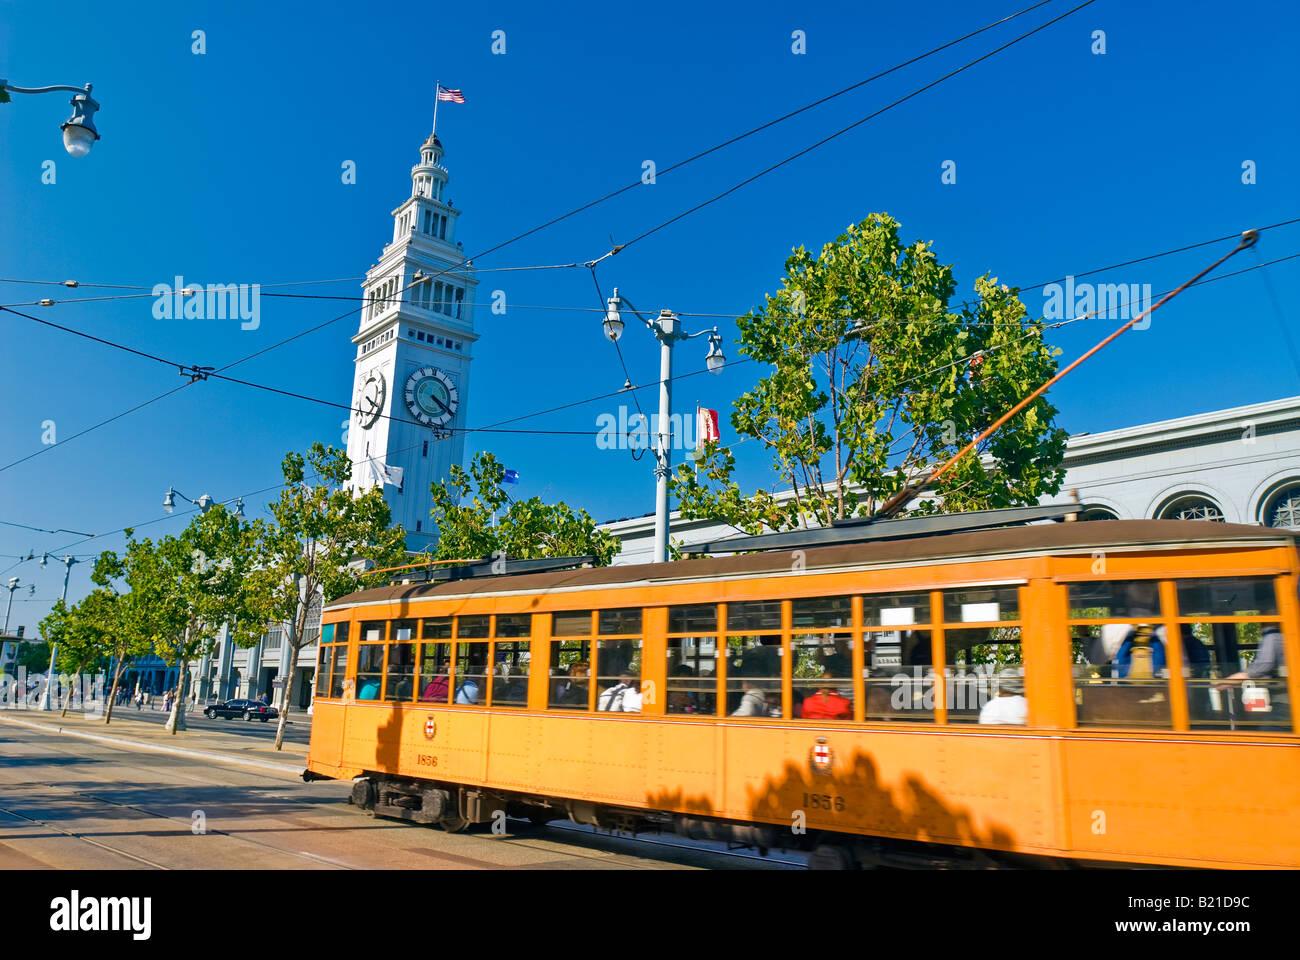 San Francisco, Kalifornien. Straßenbahn auf der Embarcadero mit dem Ferry Building. Stockbild